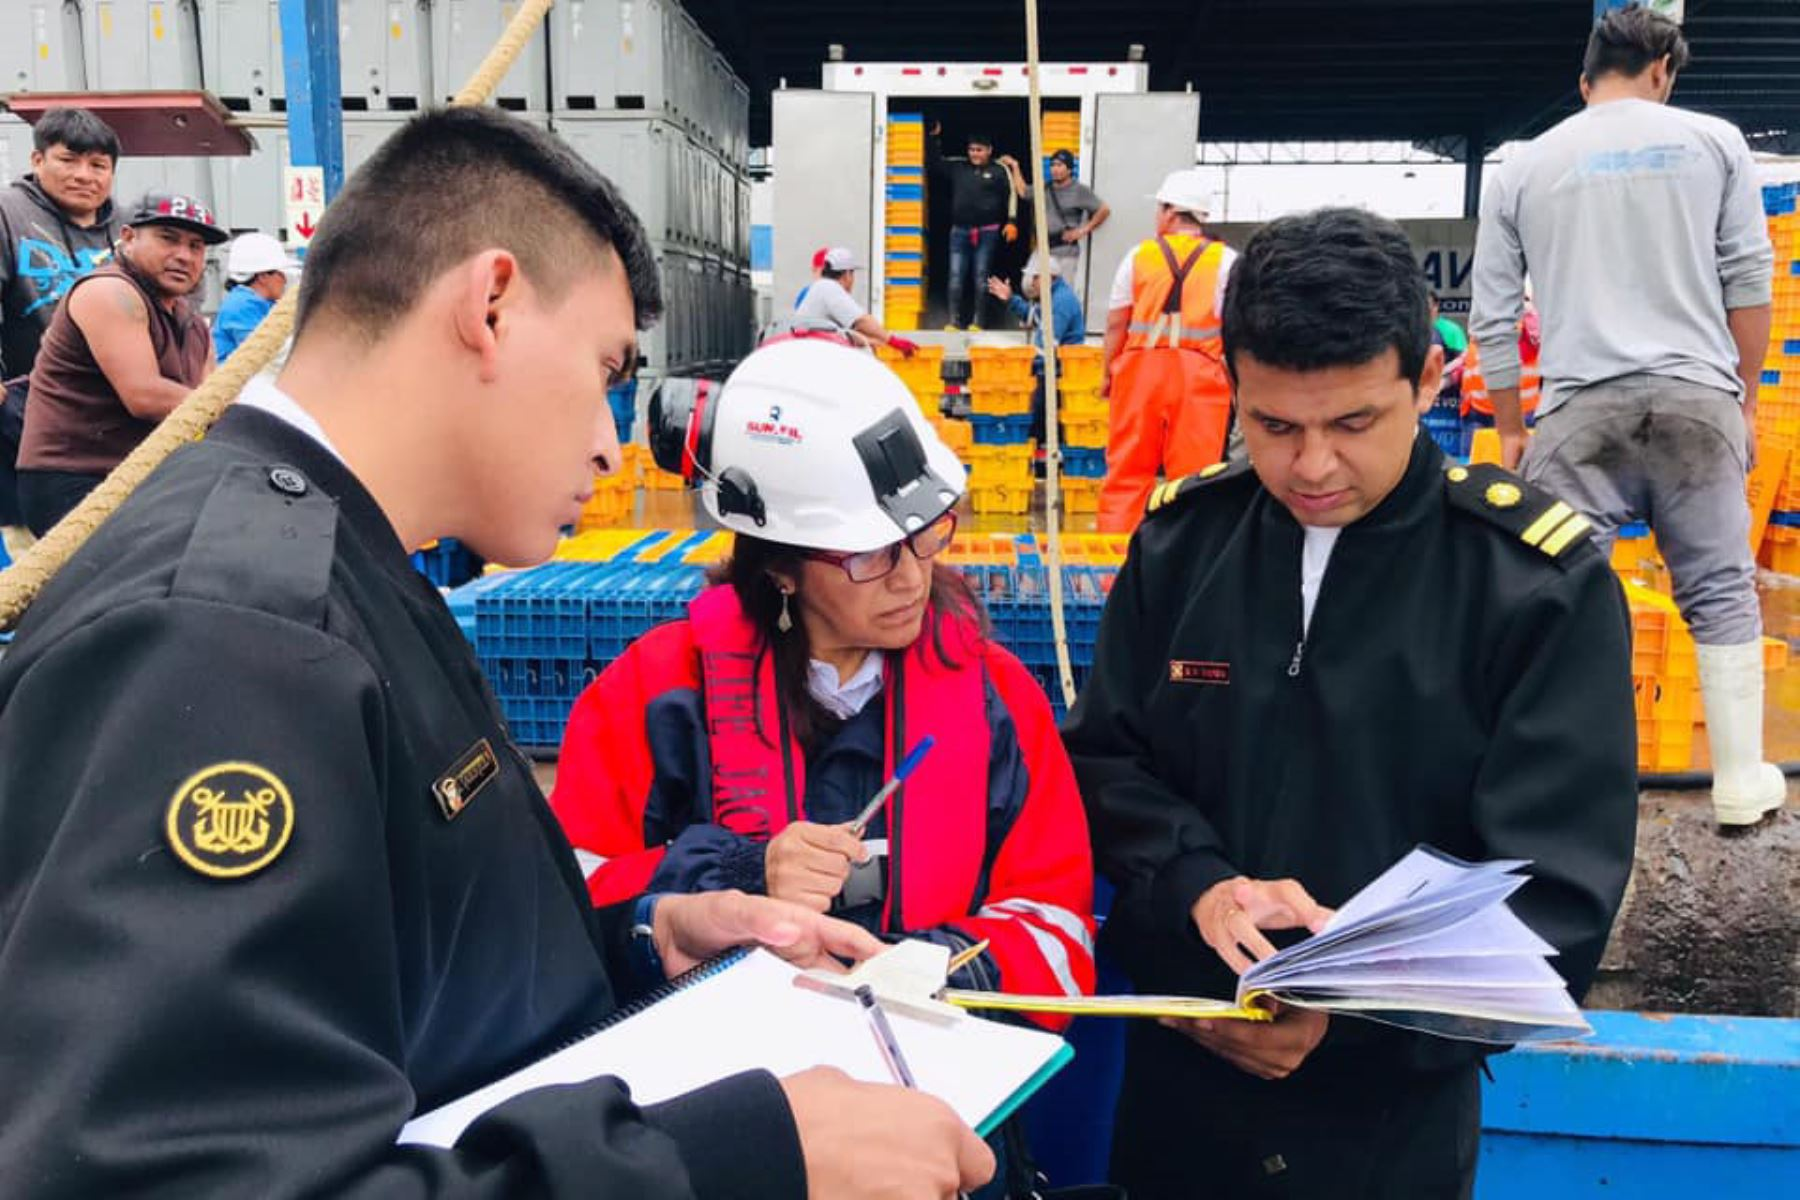 Sunafil y Dirección de Capitanías y Guardacostas verifican condiciones laborales, de seguridad y de salud de los trabajadores pesqueros. ANDINA/Difusión